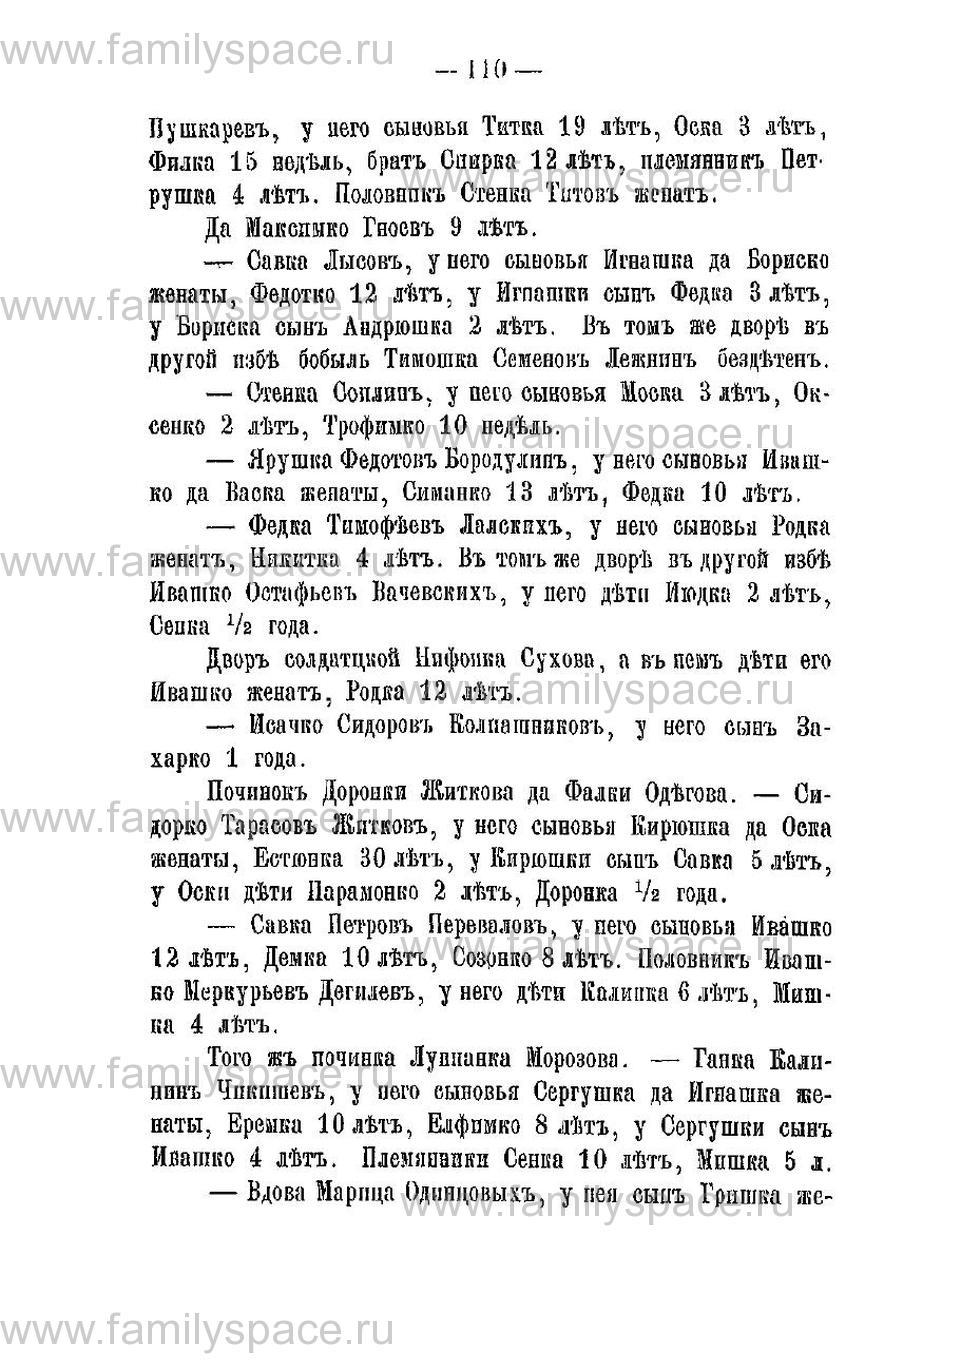 Поиск по фамилии - Переписная книга Орлова и волостей 1678 г, страница 106